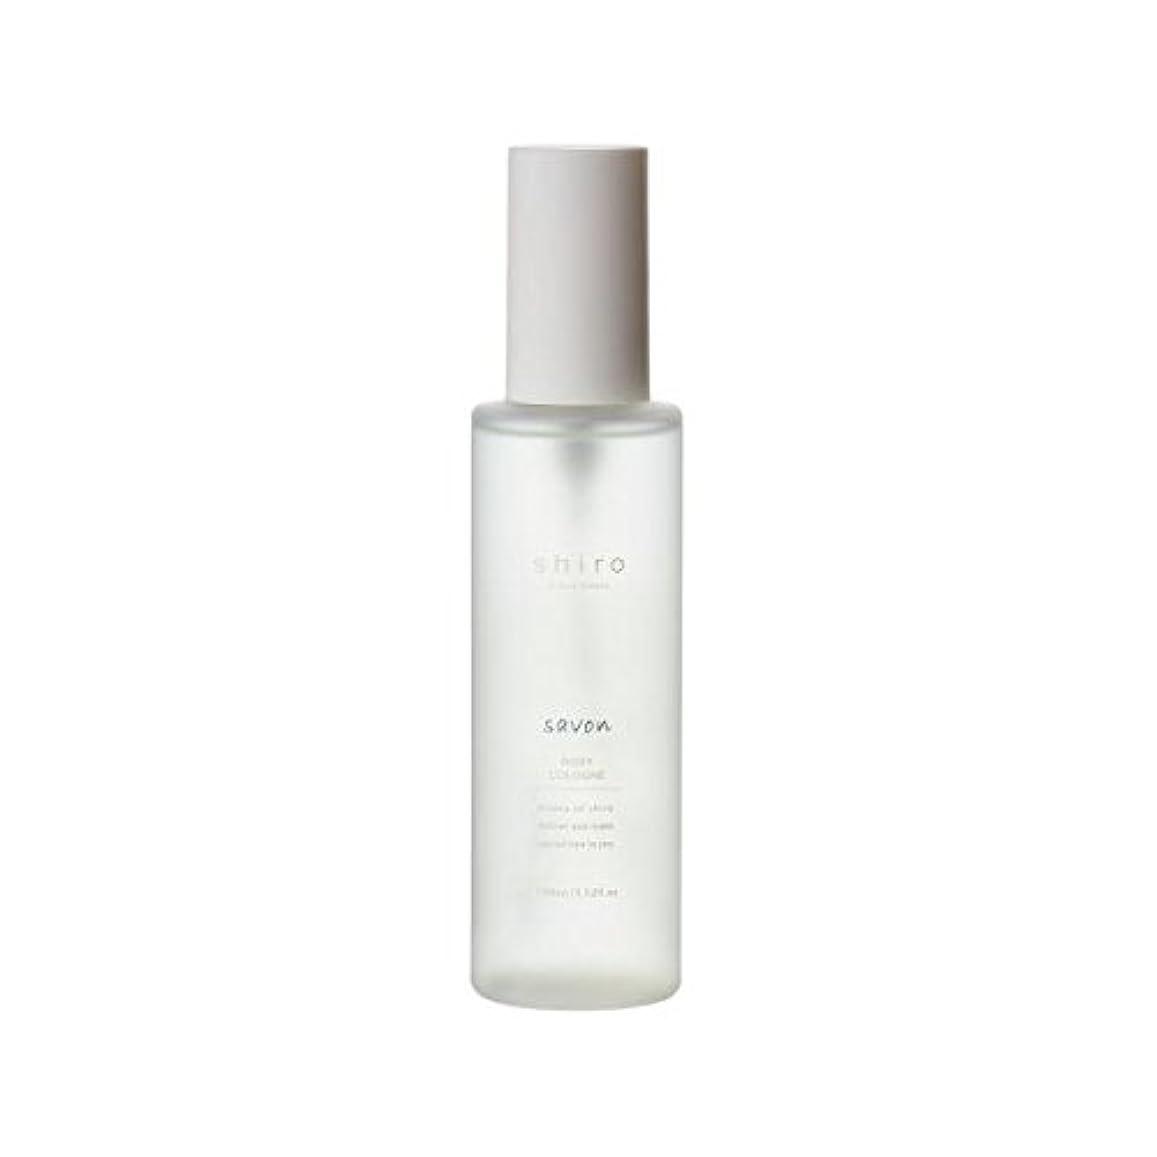 お別れ笑気性shiro サボン ボディコロン 100ml 清潔で透明感のある自然な石けんの香り ミスト シロ